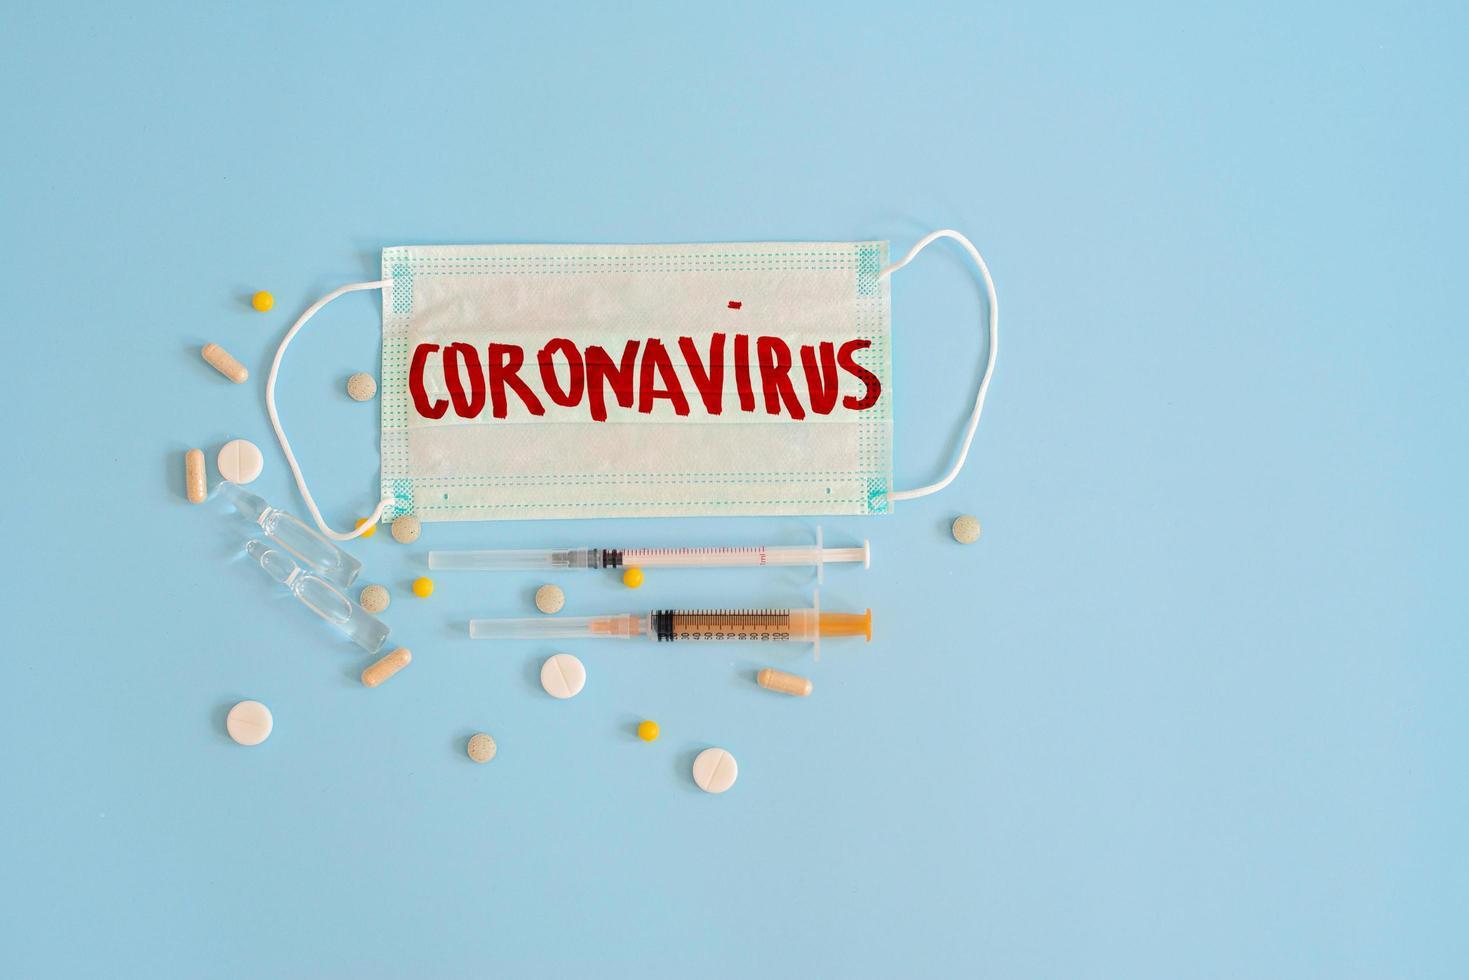 concepto de coronavirus sobre fondo azul foto